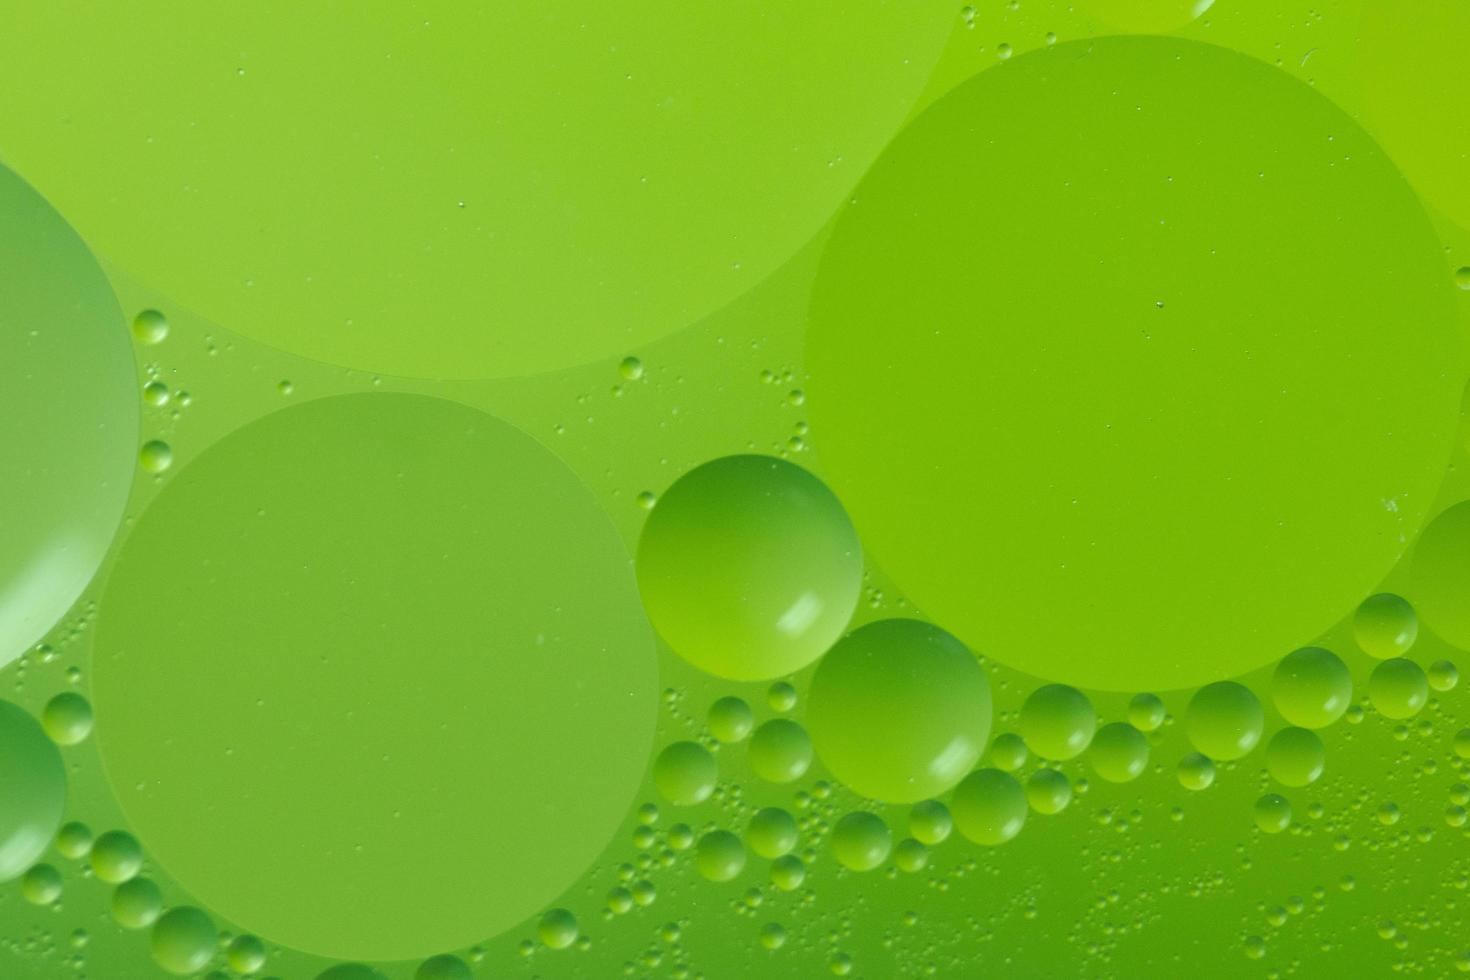 abstrakter Makrohintergrund von Öl und Wasser foto